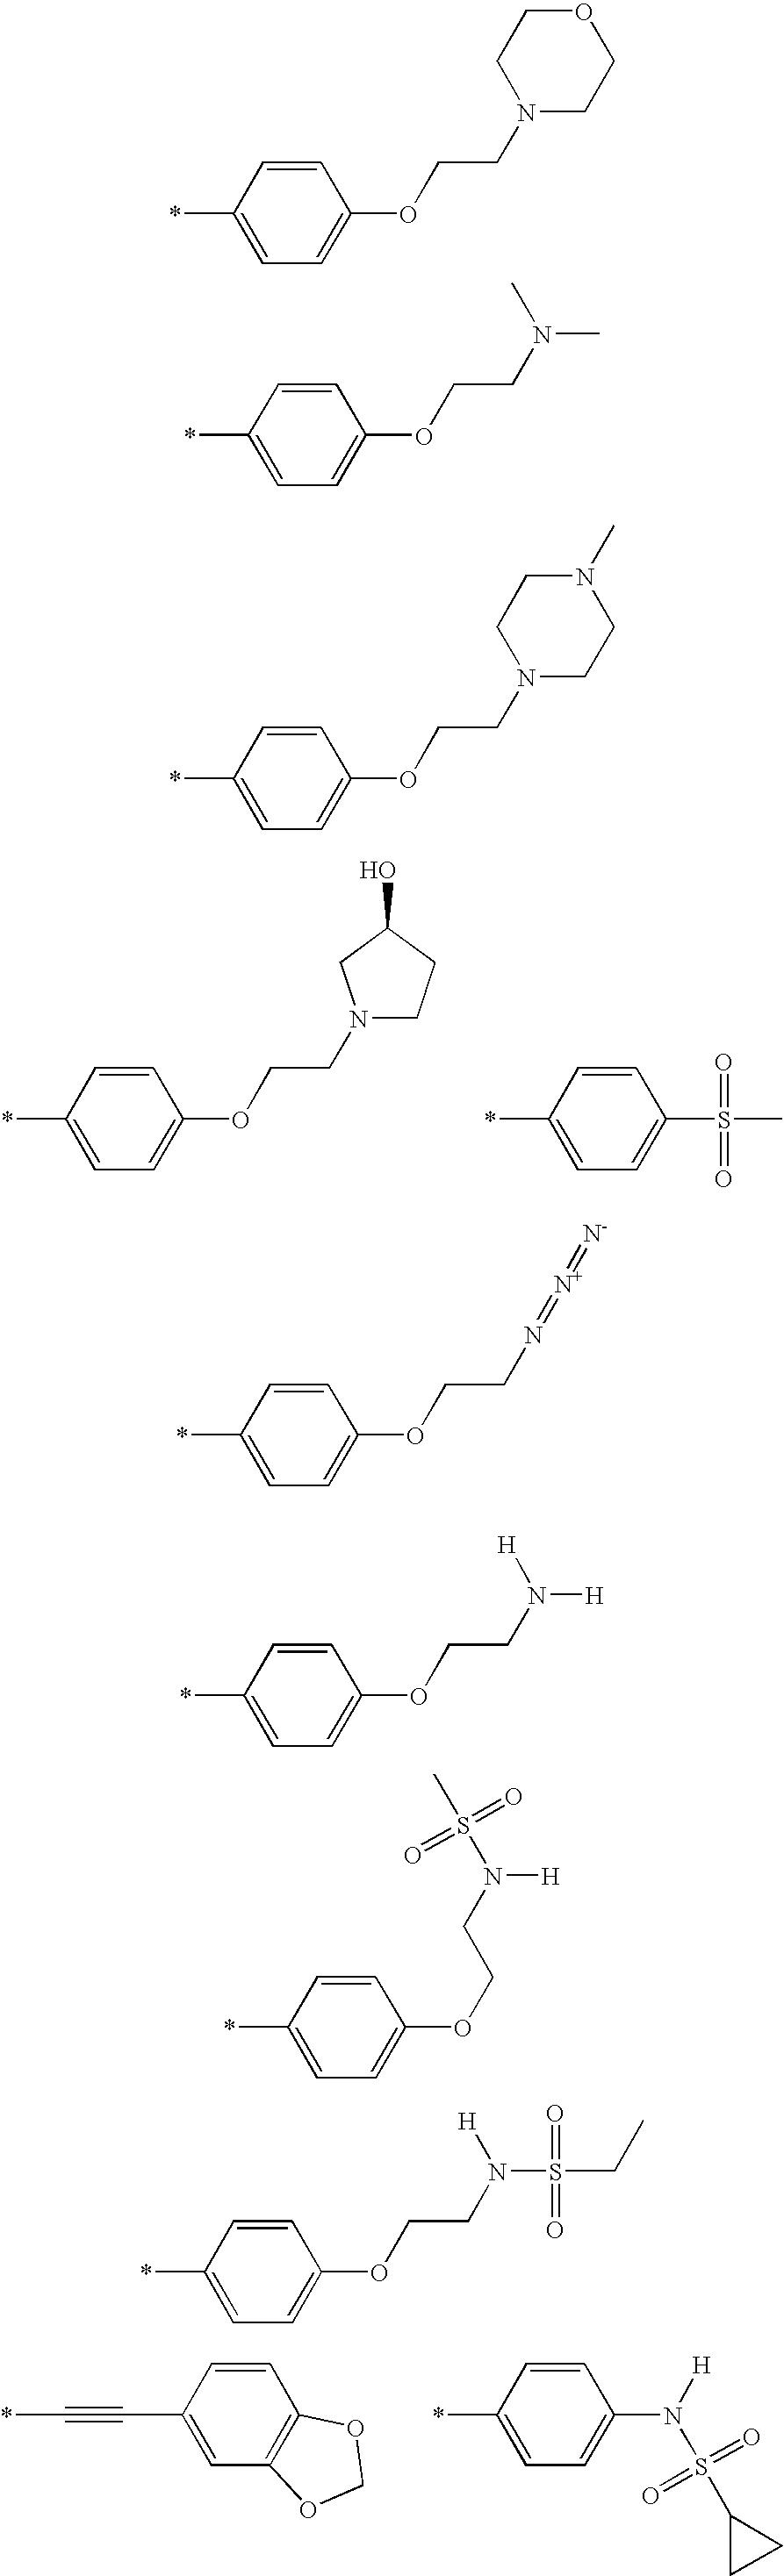 Figure US07781478-20100824-C00113